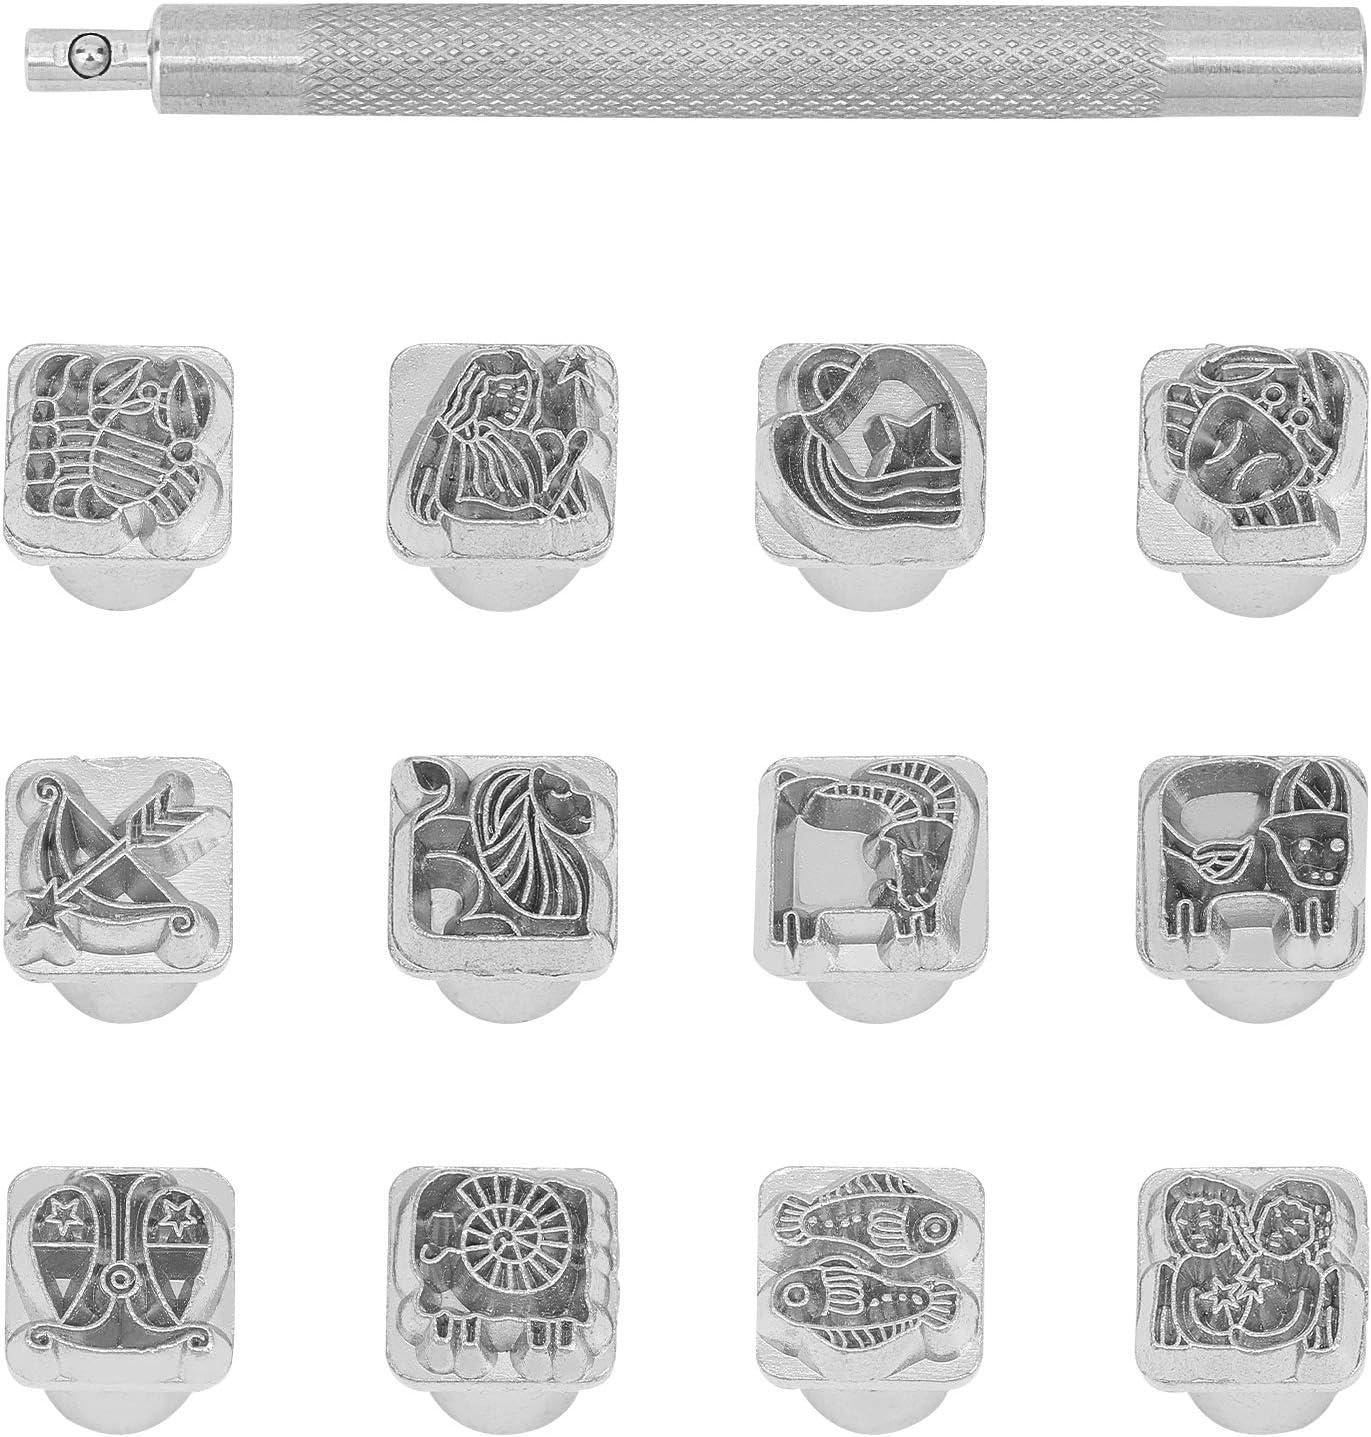 PandaHall Juego de 12 sellos de metal de 10 mm, 12 sellos de temática de constelación con 1 mango para manualidades, bolsa de cinturón, manualidades, marca de joyas, aleación de zinc